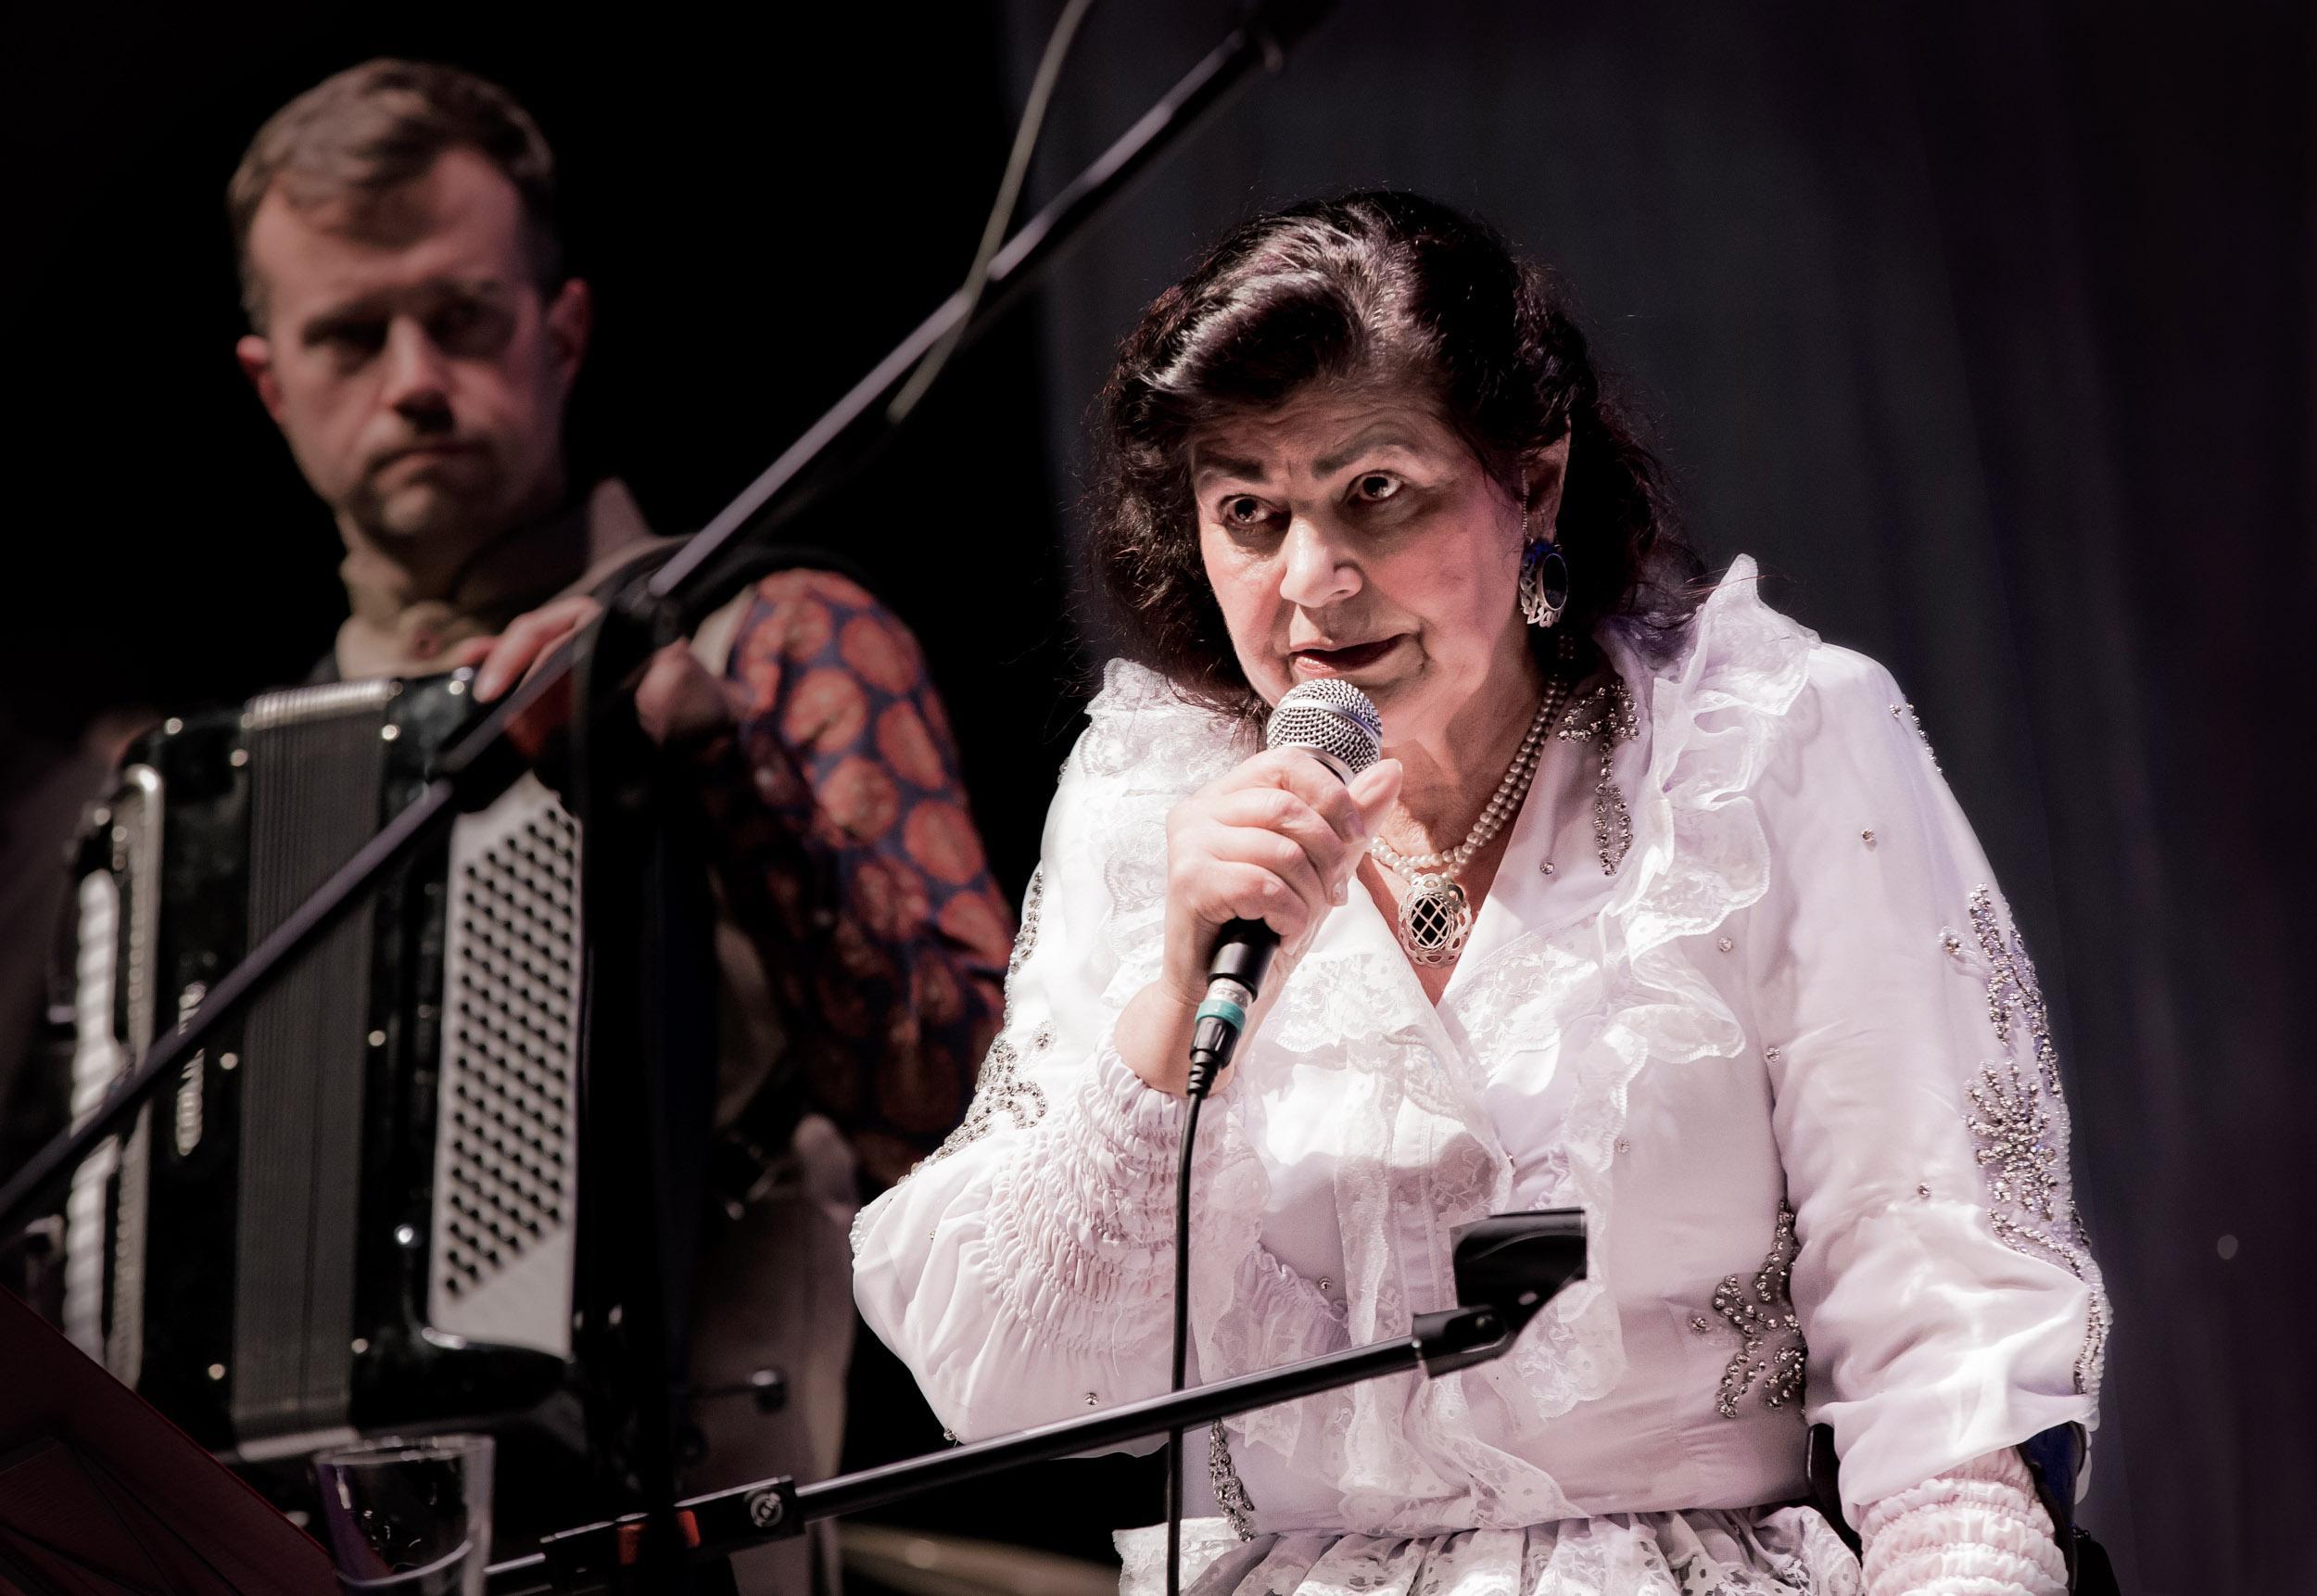 Romanimusiikin legenda Hilja Grönfors